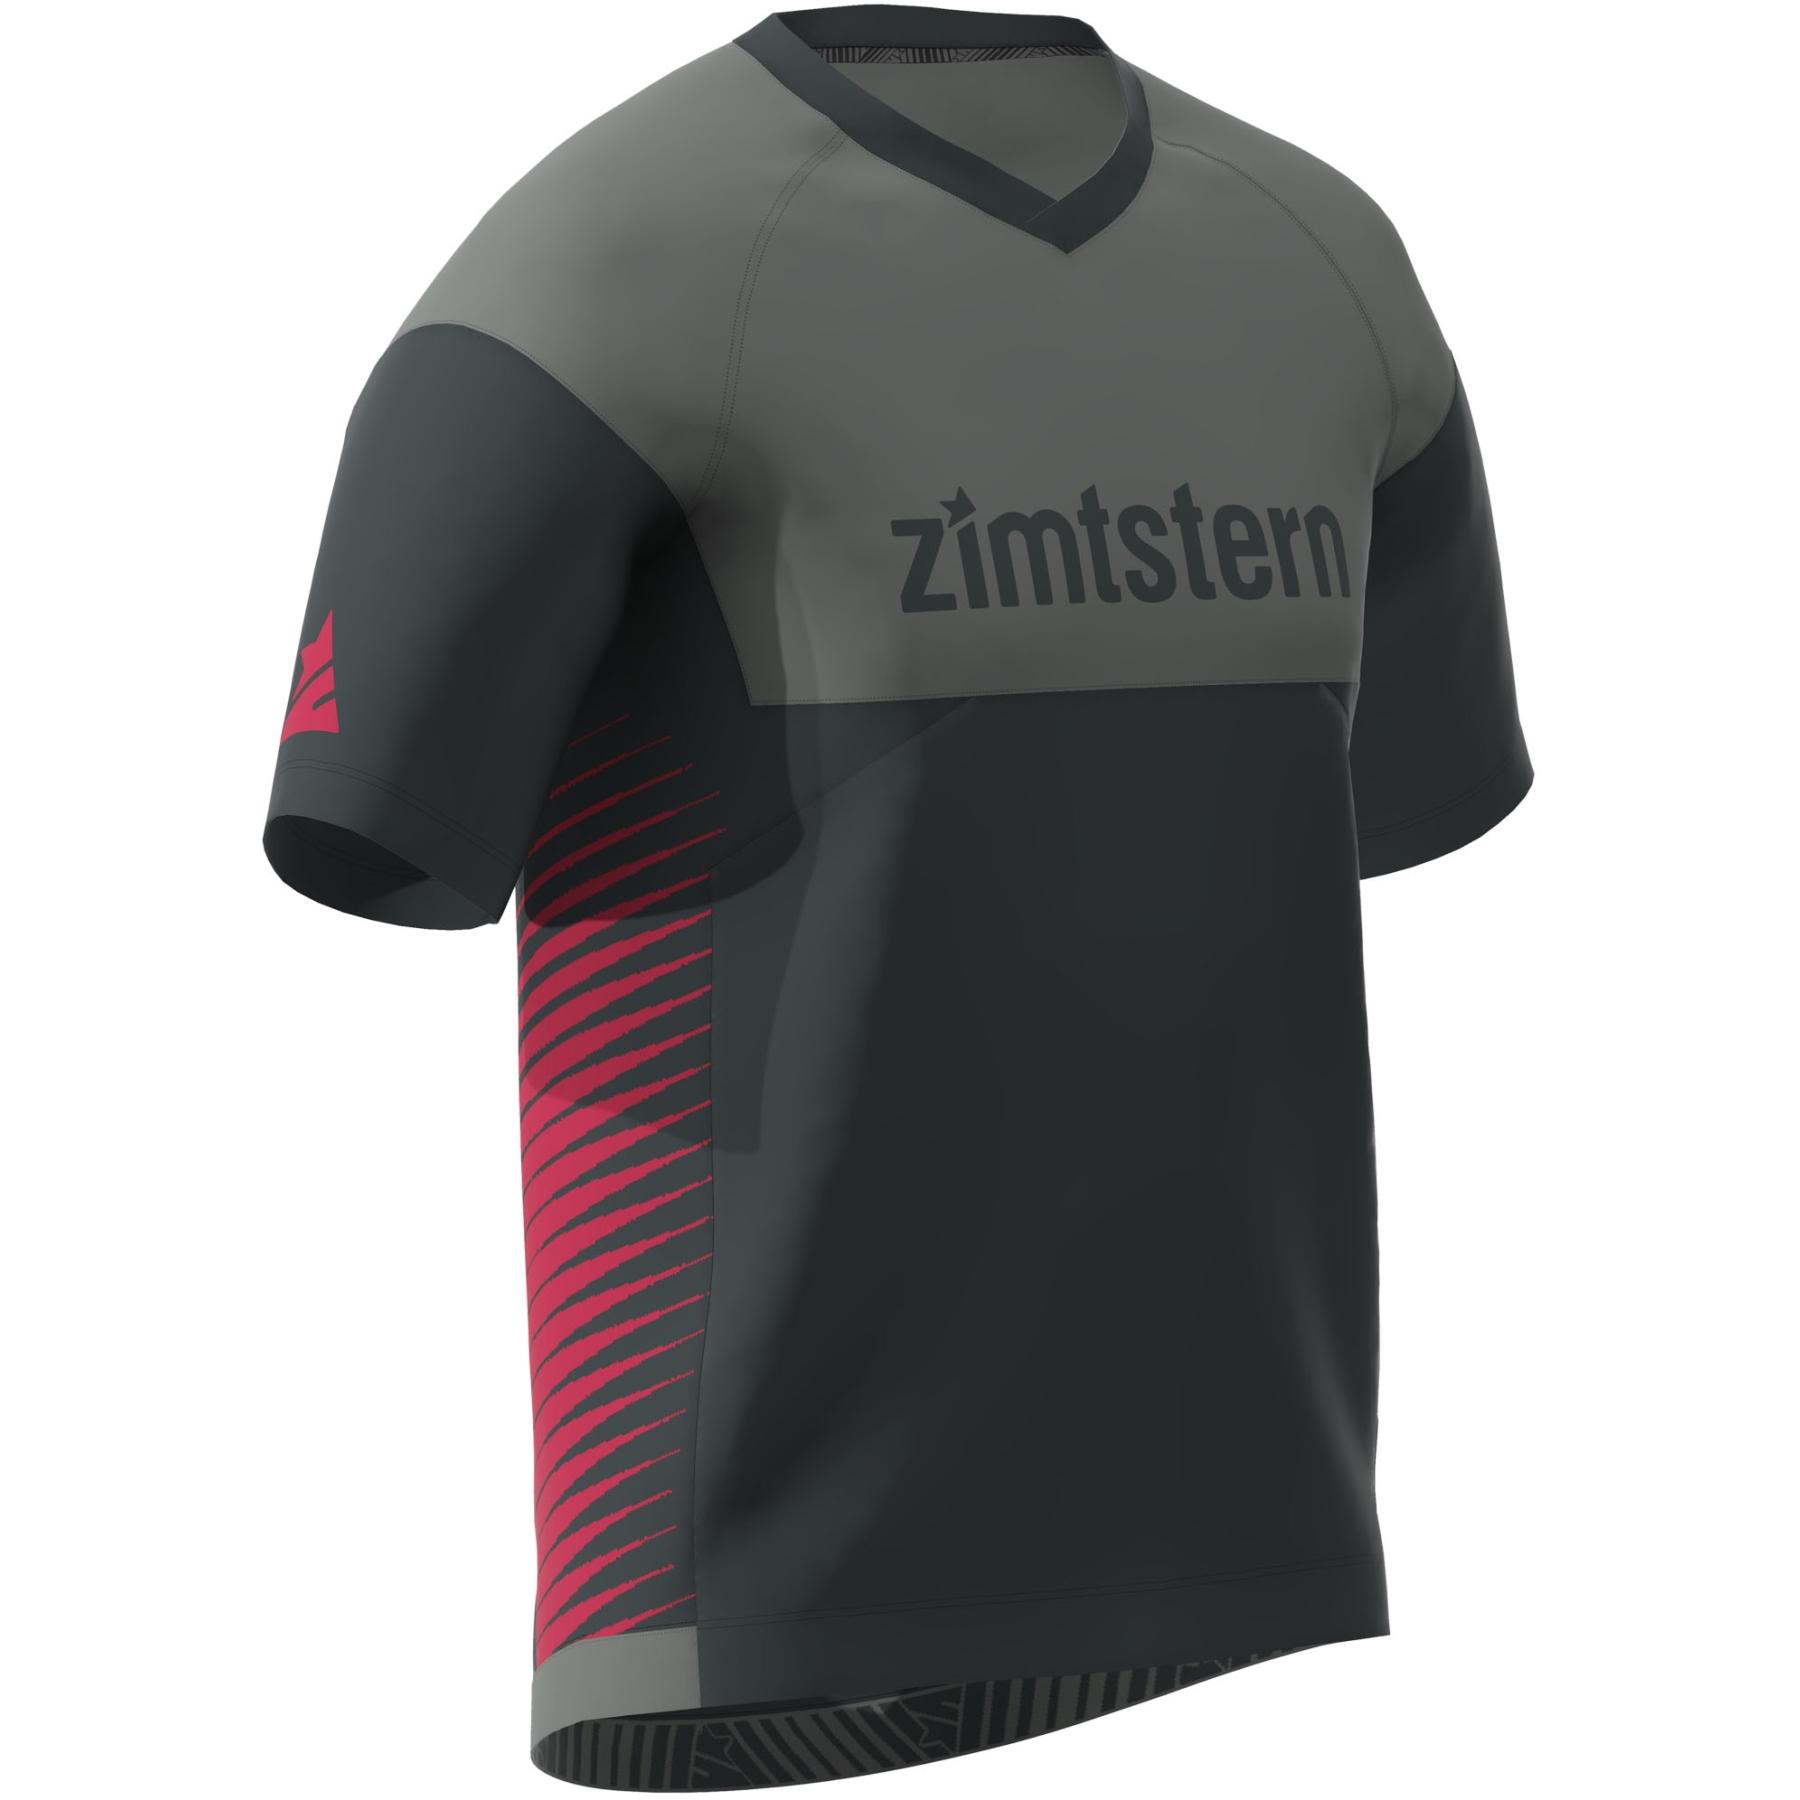 Bild von Zimtstern Bulletz Kurzarm-Shirt - pirate black/gun metal/jester red